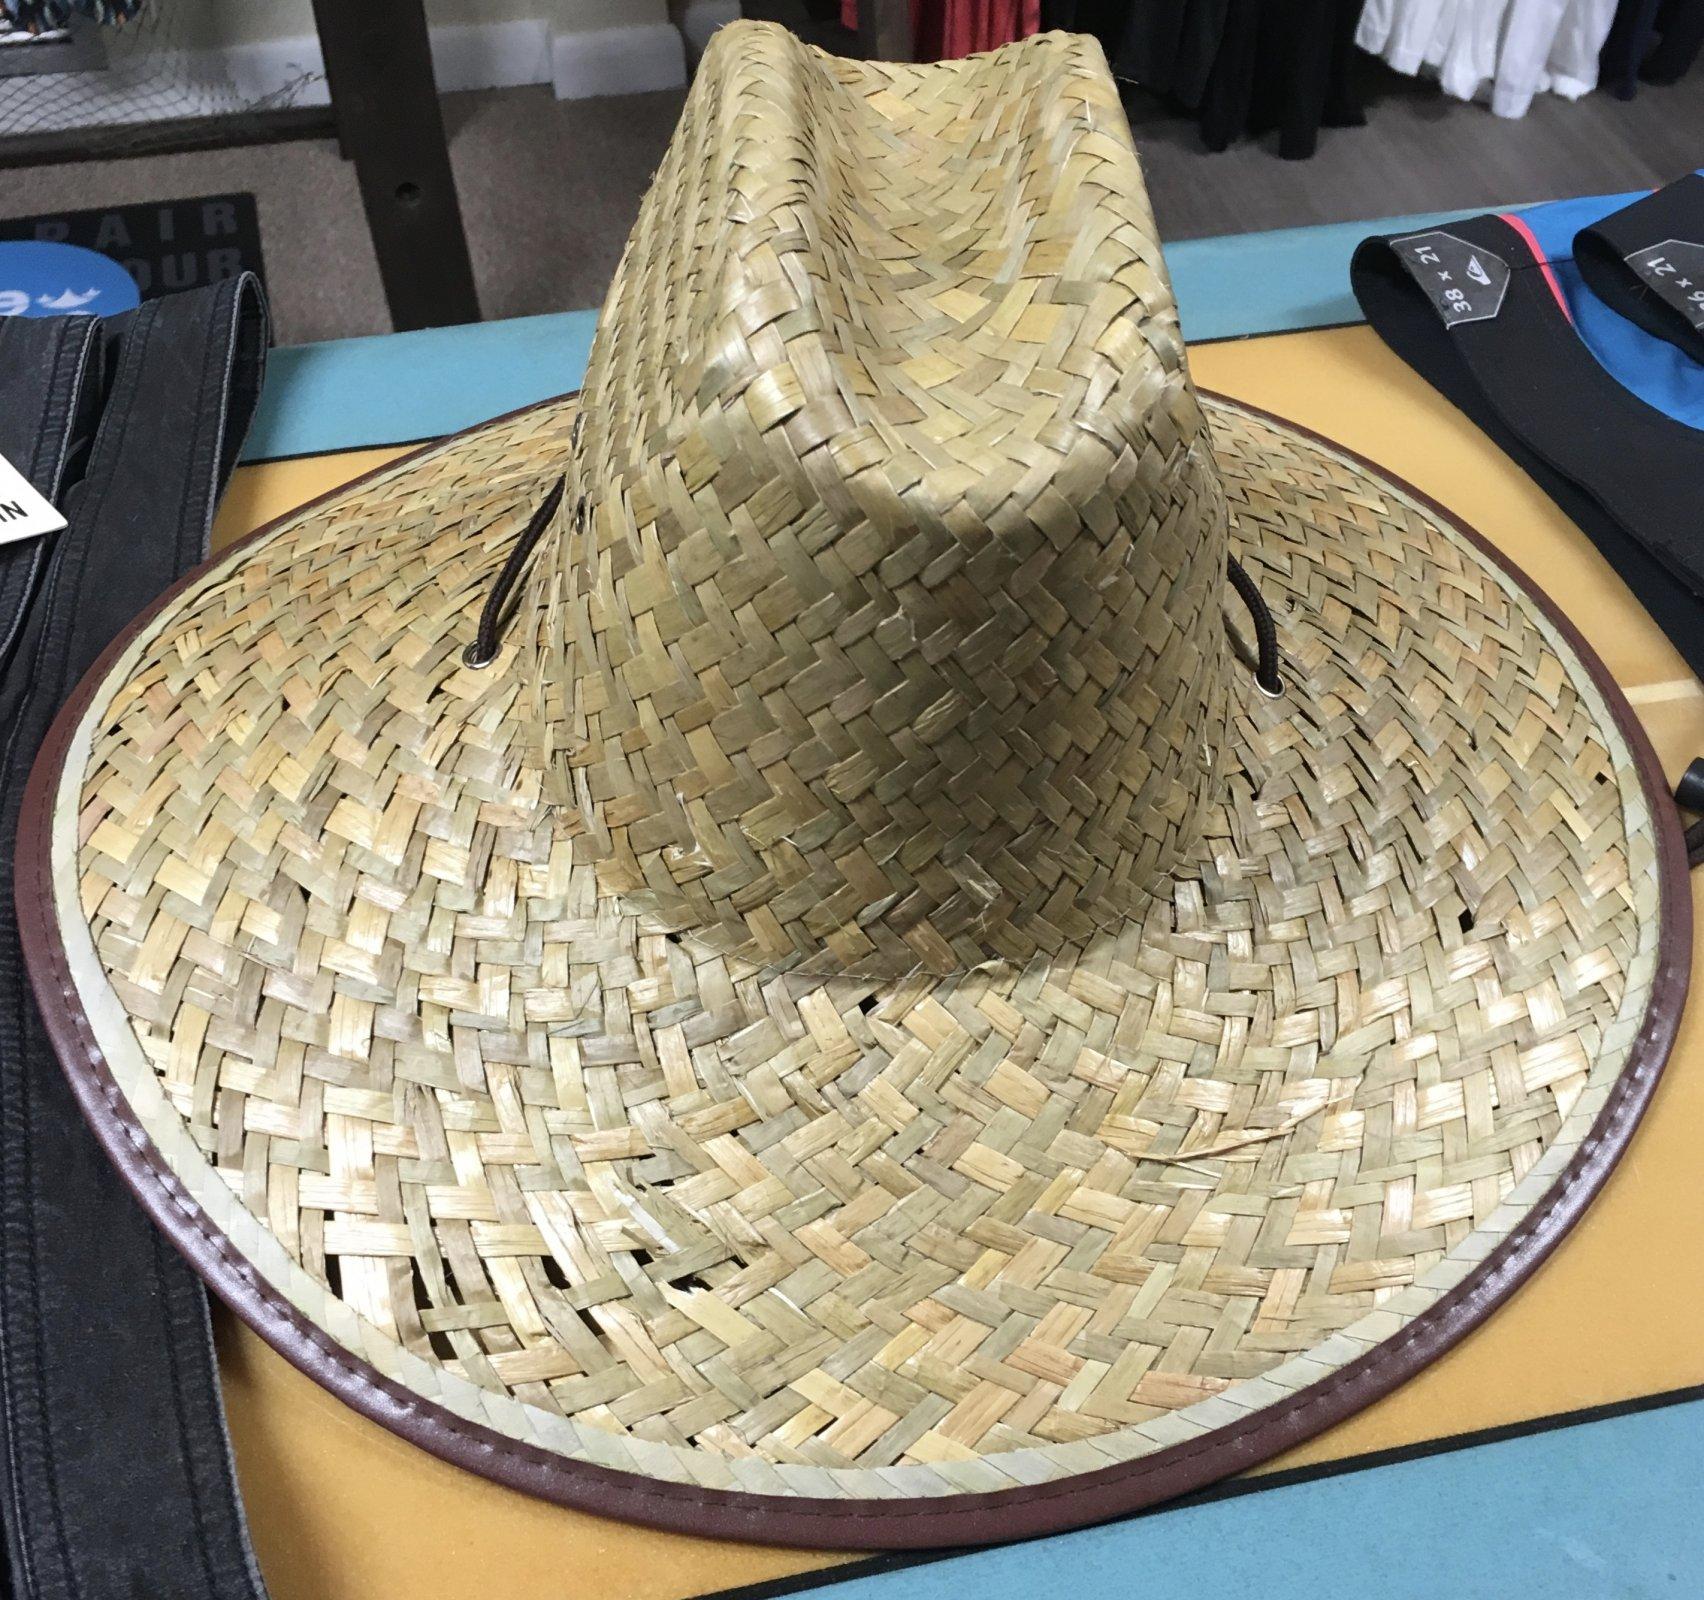 c2076d256b1611 Headhunter Classic Lifeguard Straw Hat - 9340935027262